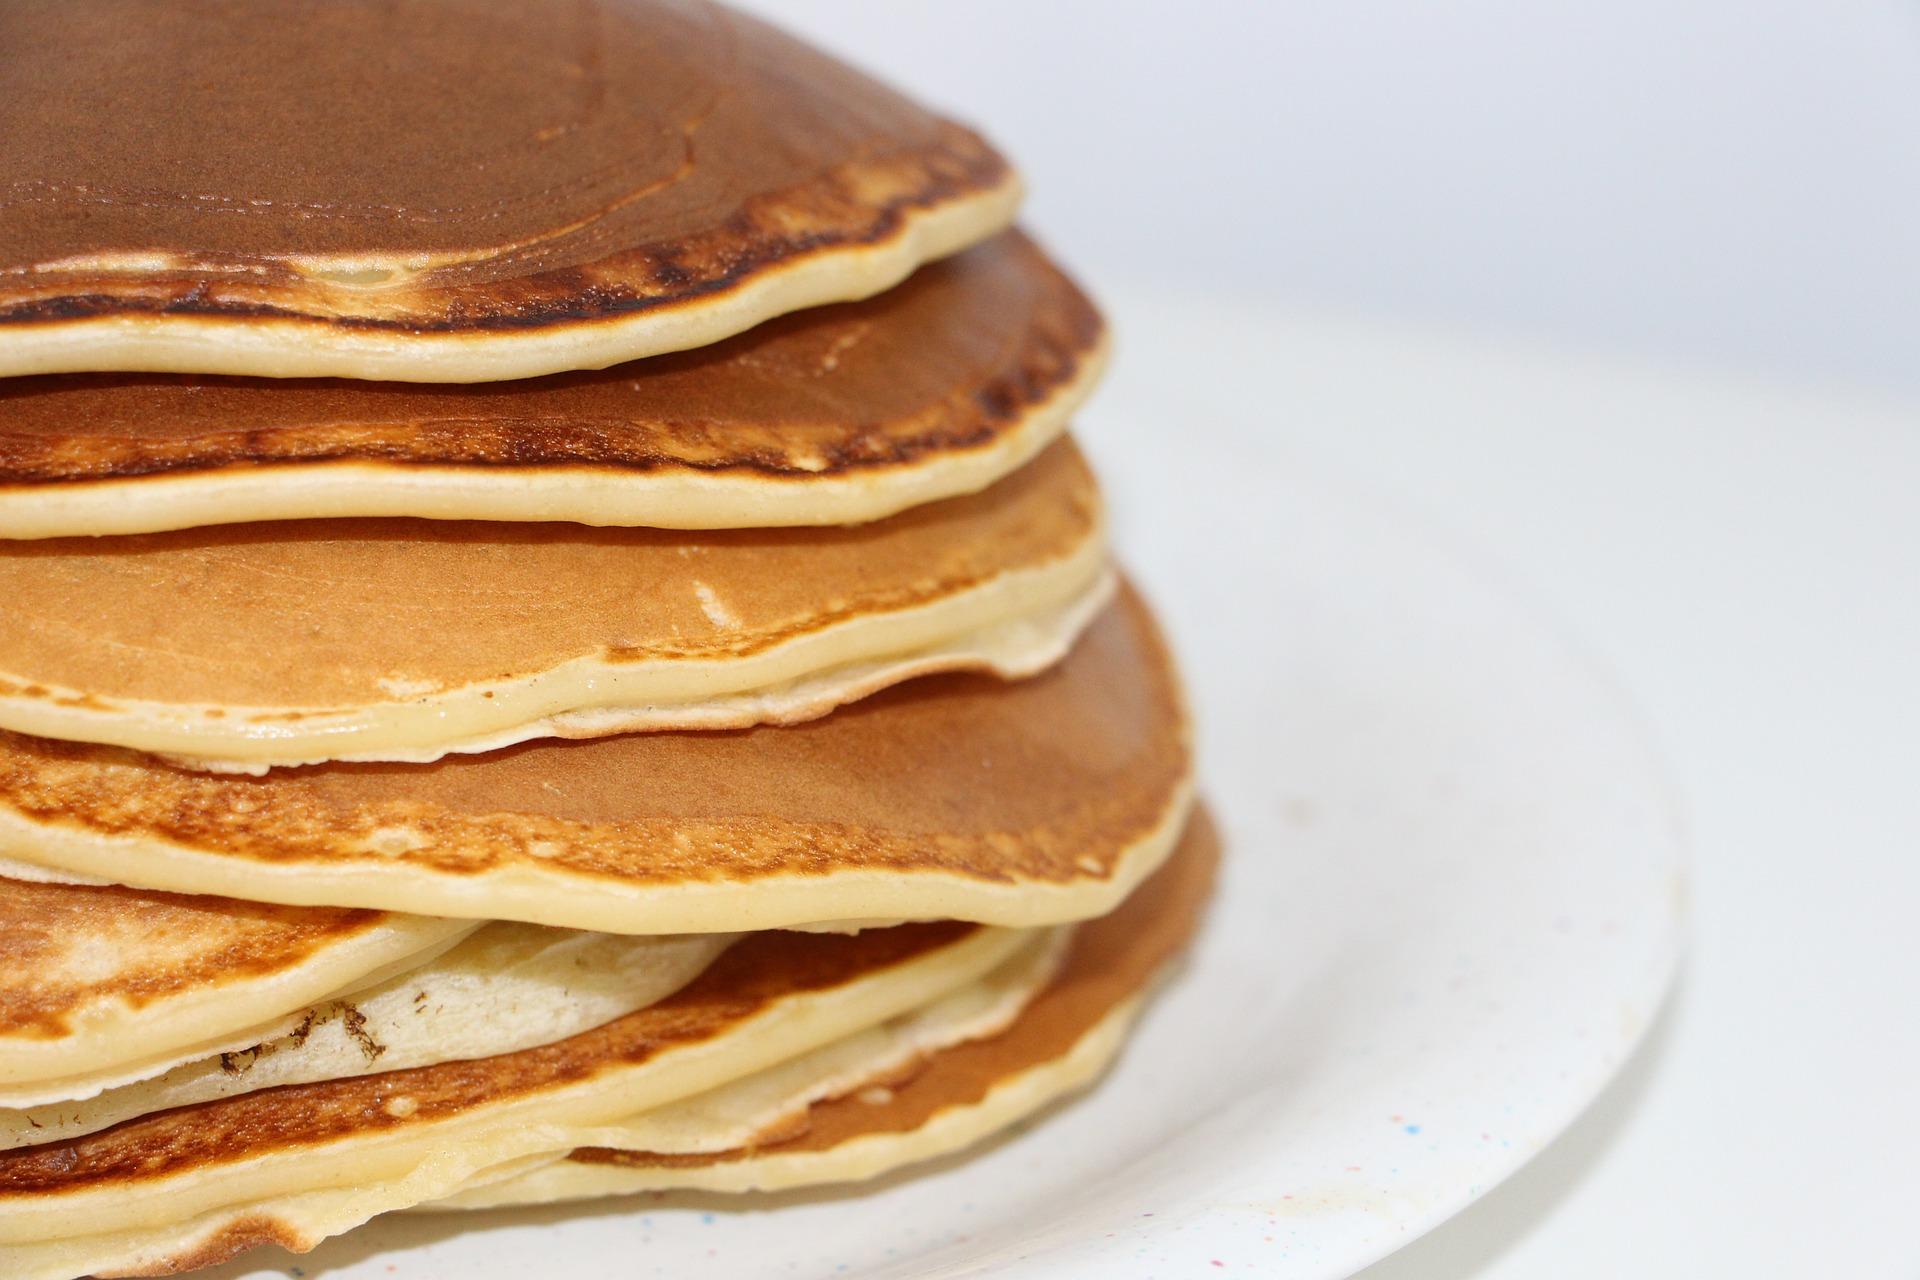 pancake-640867_1920.jpg